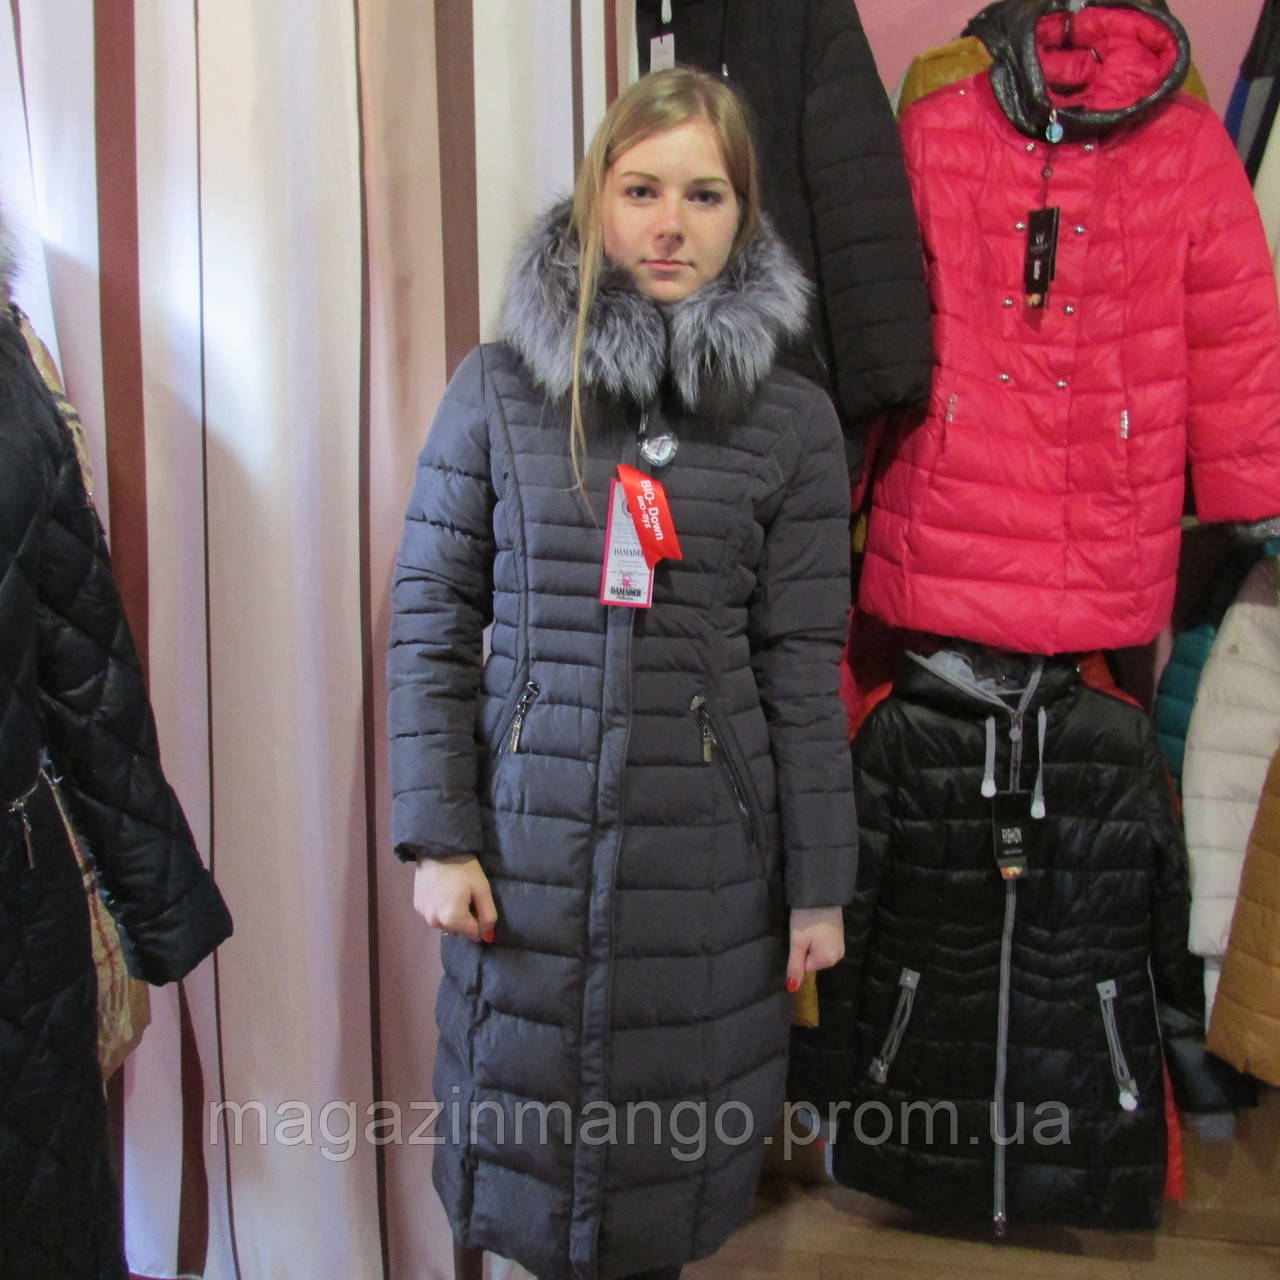 Mango магазин женской одежды доставка